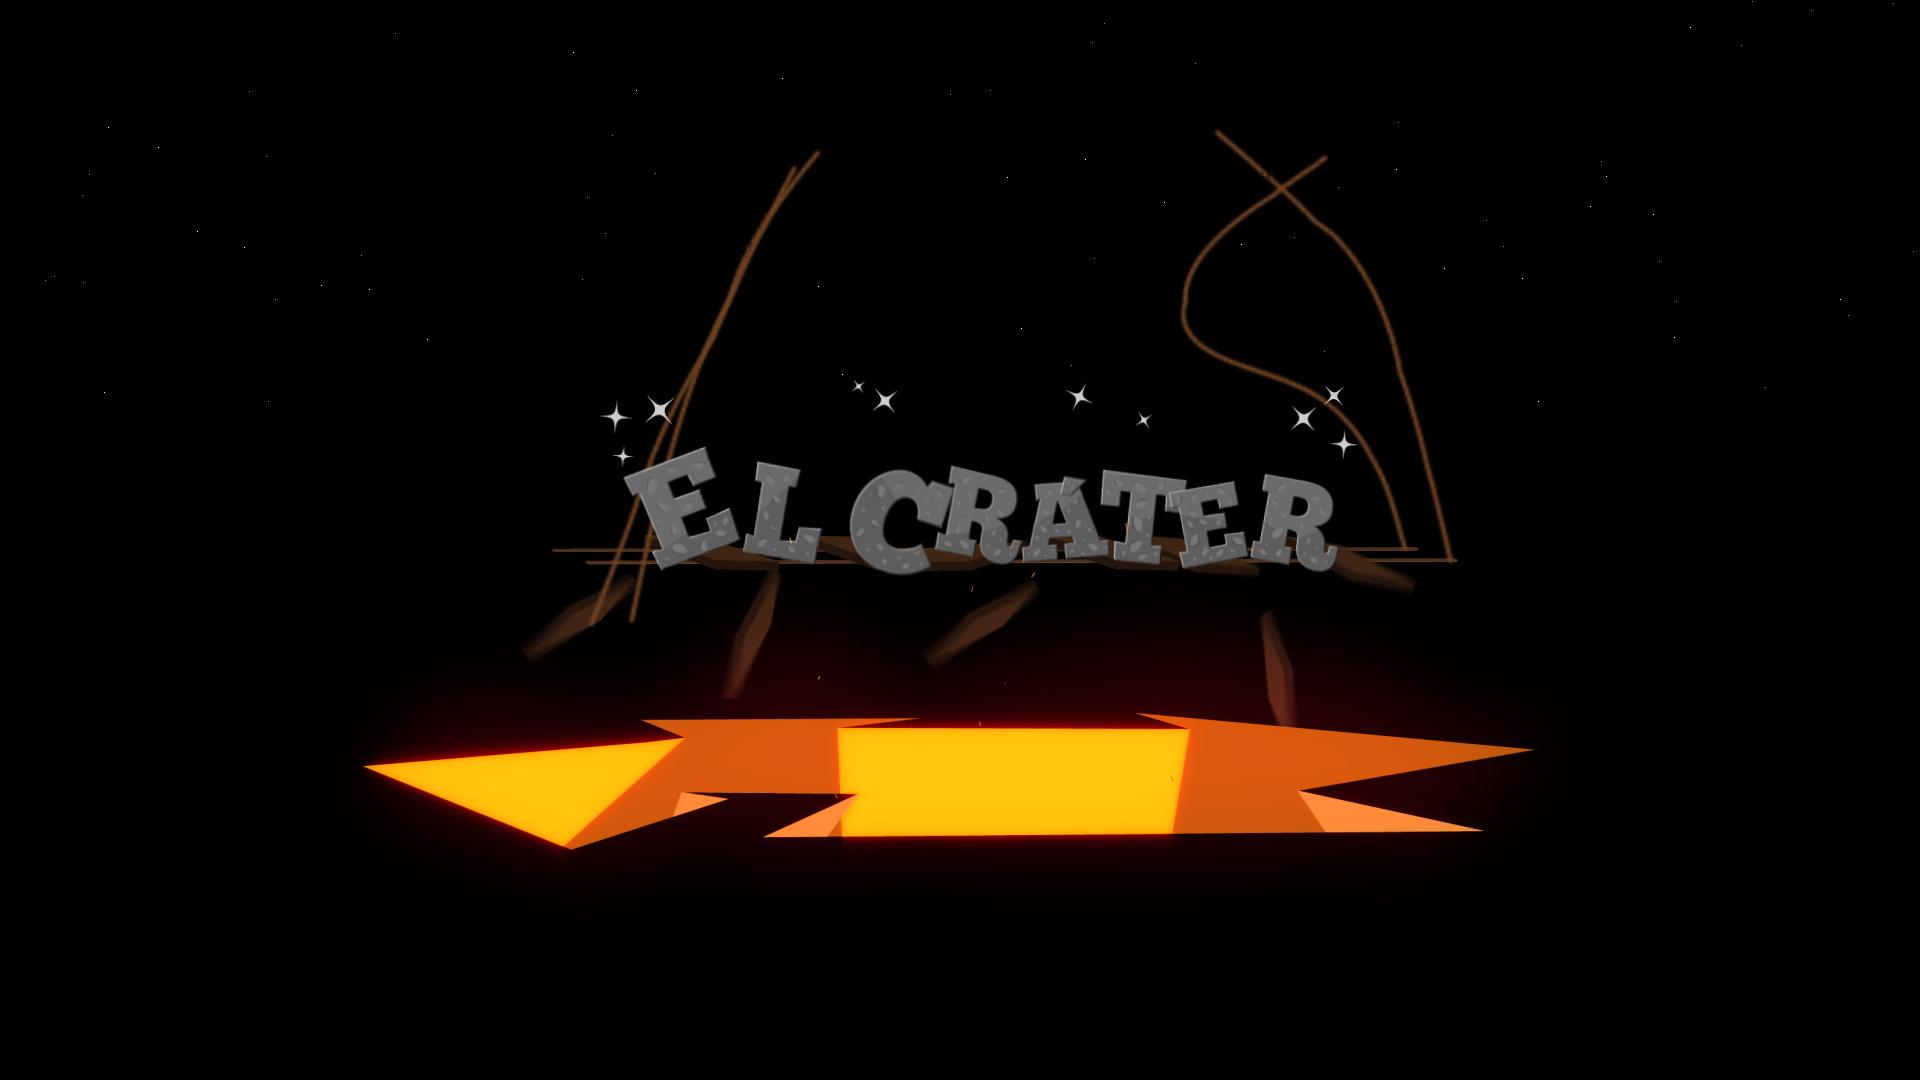 El cráter